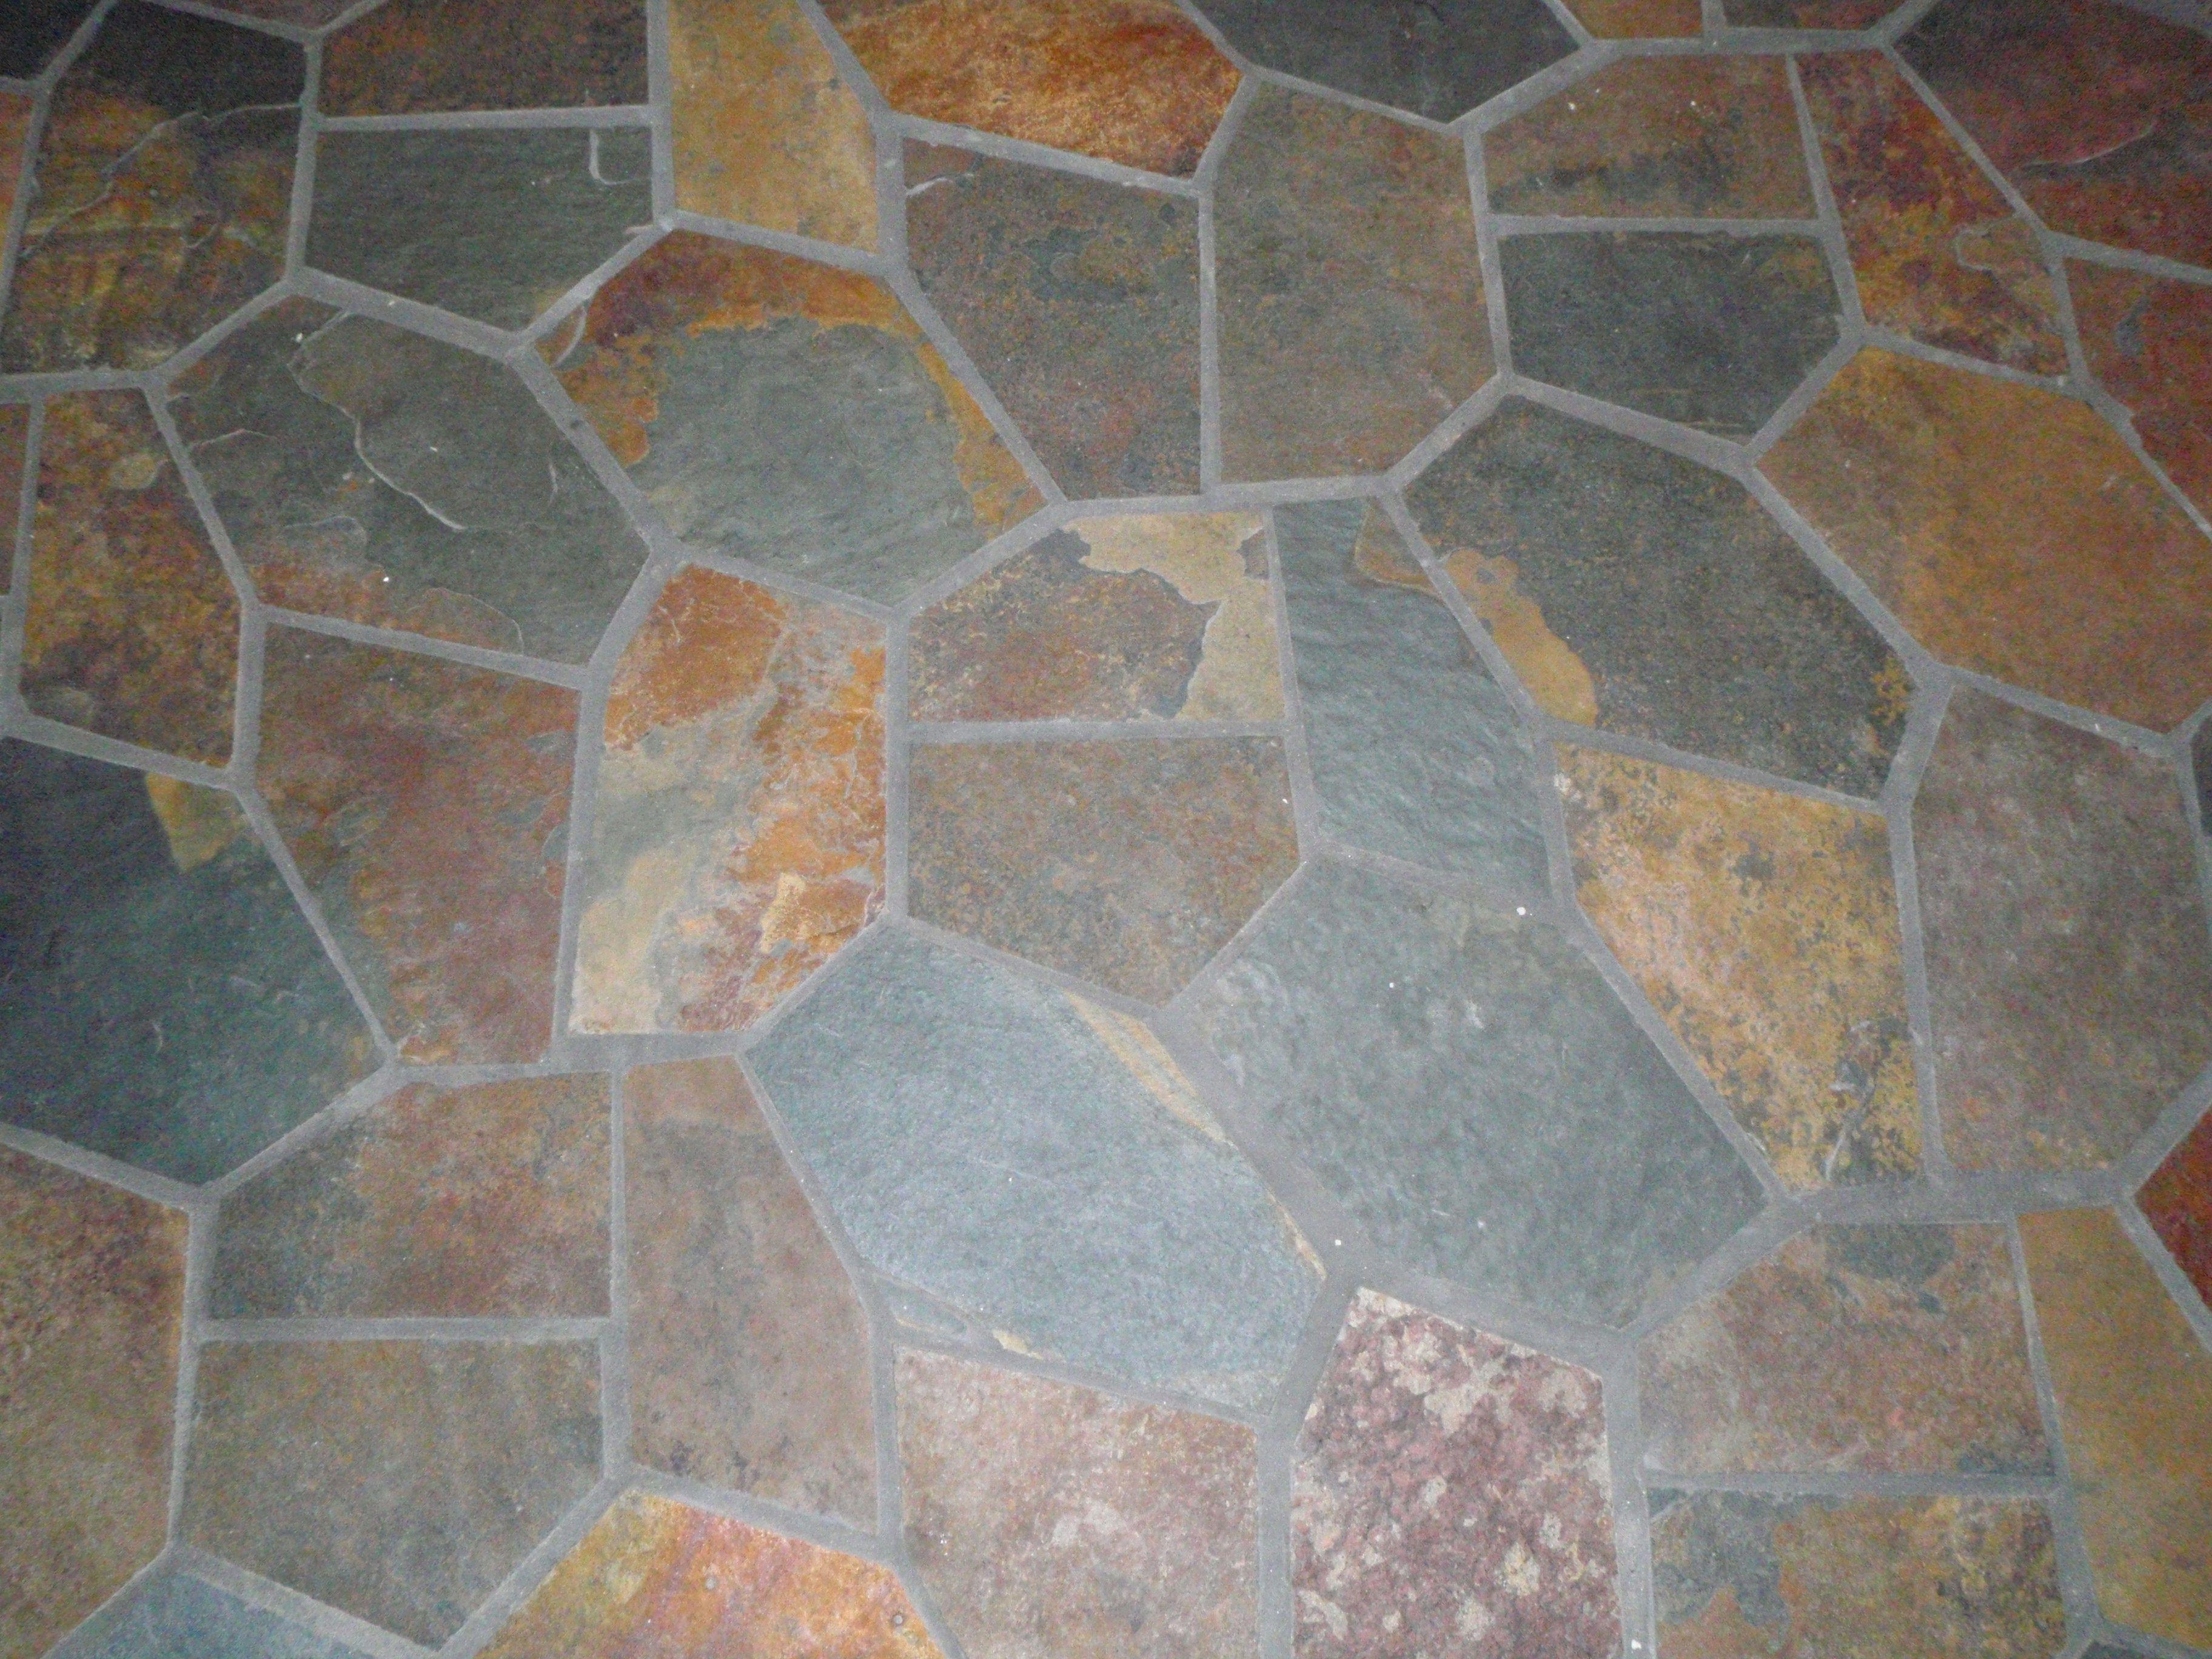 Slate flooring random slate tile with heated floor home slate flooring random slate tile with heated floor dailygadgetfo Images